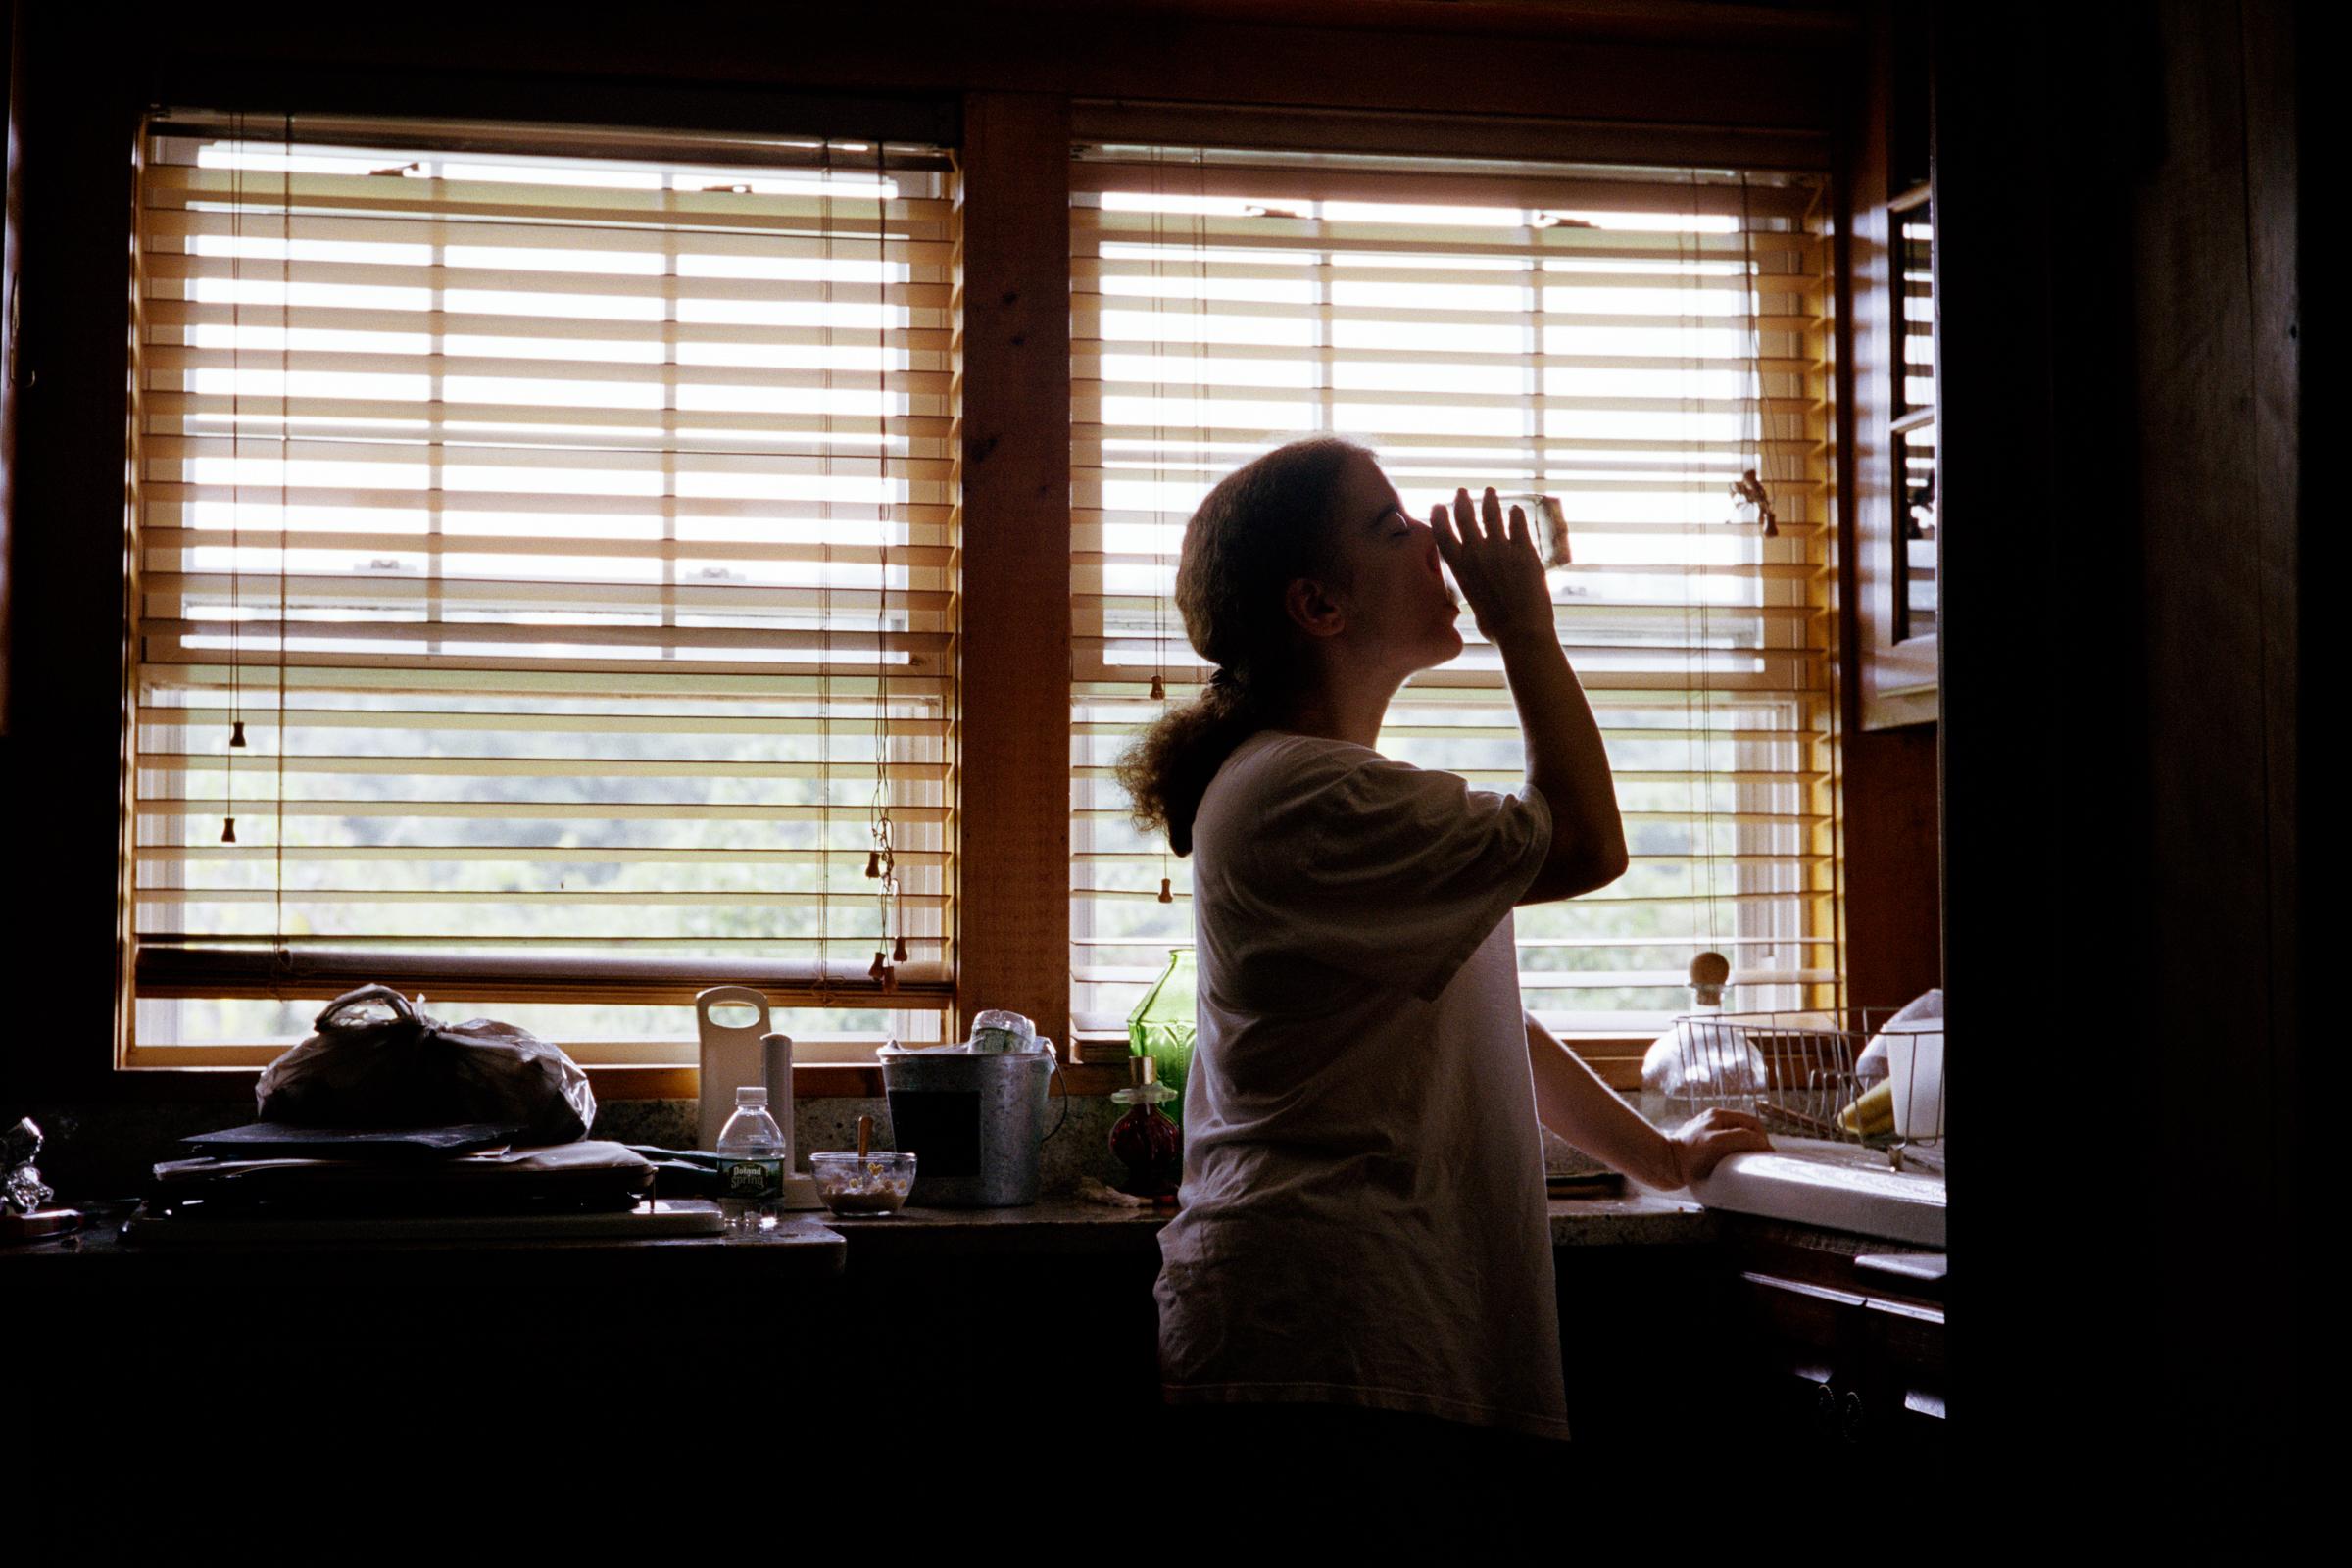 Kodak Portra (35mm)